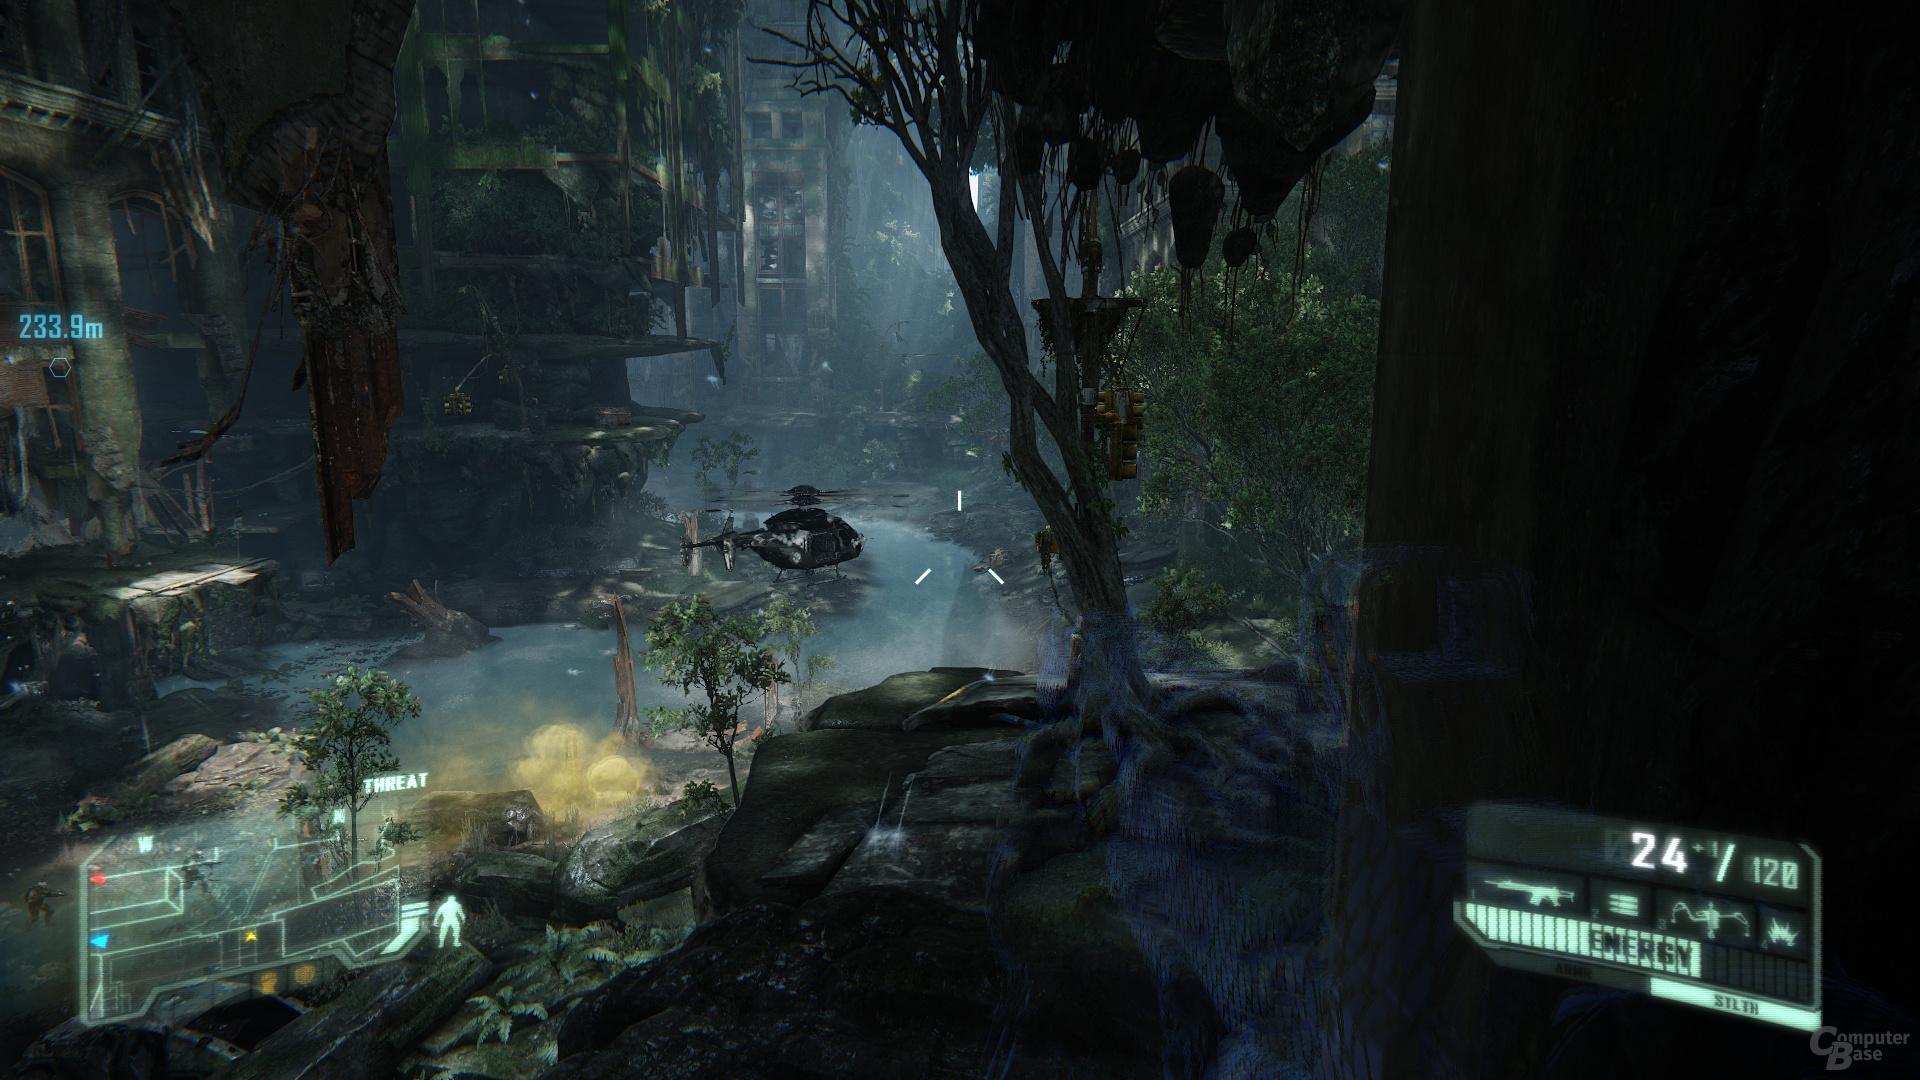 Crysis 3, reduzierte Details, DX11